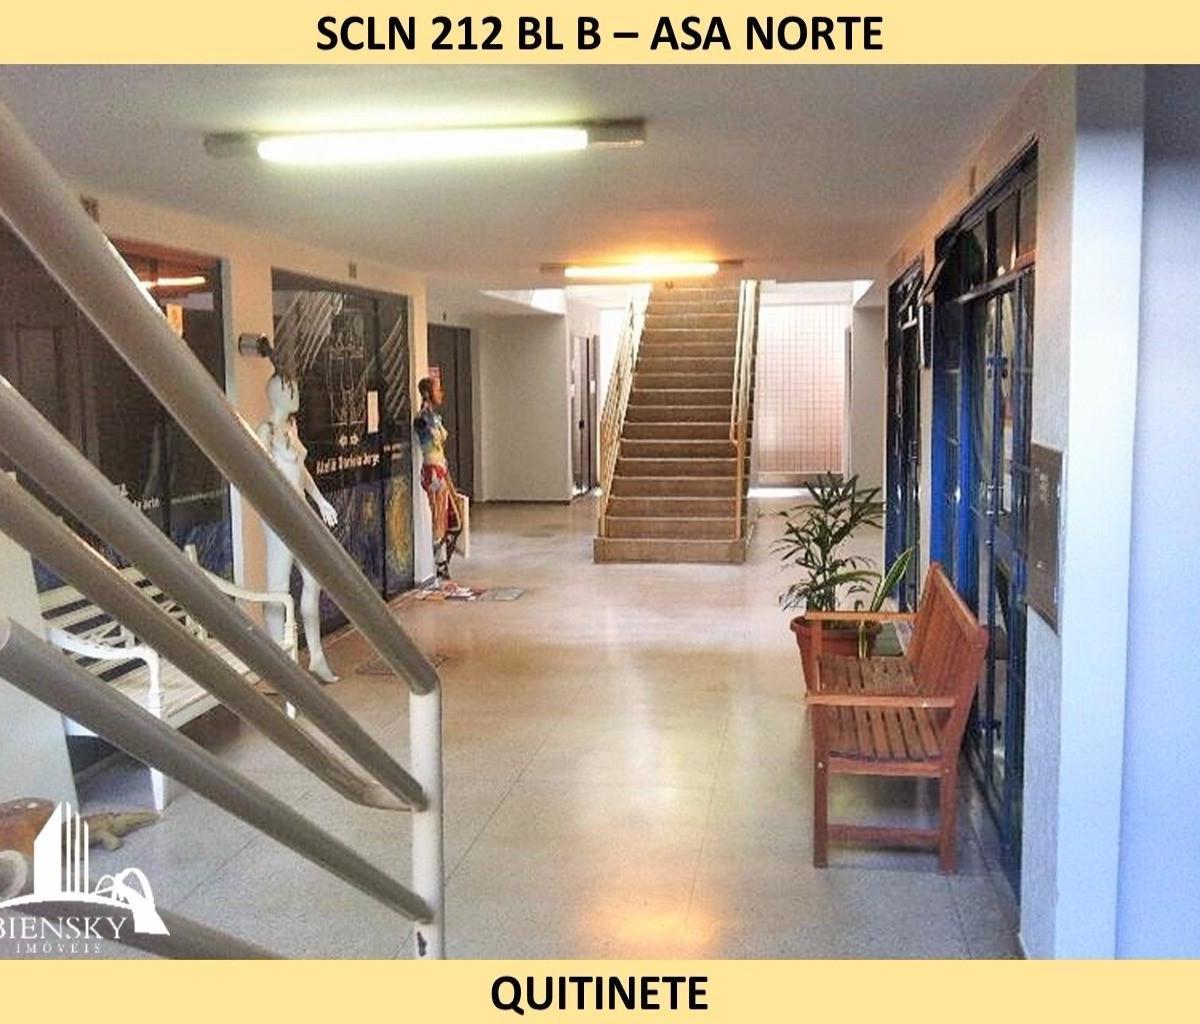 Imagens de #2354A8 Comercial para aluguel com 0 Asa Norte Brasília R$ 715 ID  1200x1024 px 3560 Blindex Banheiro Asa Norte